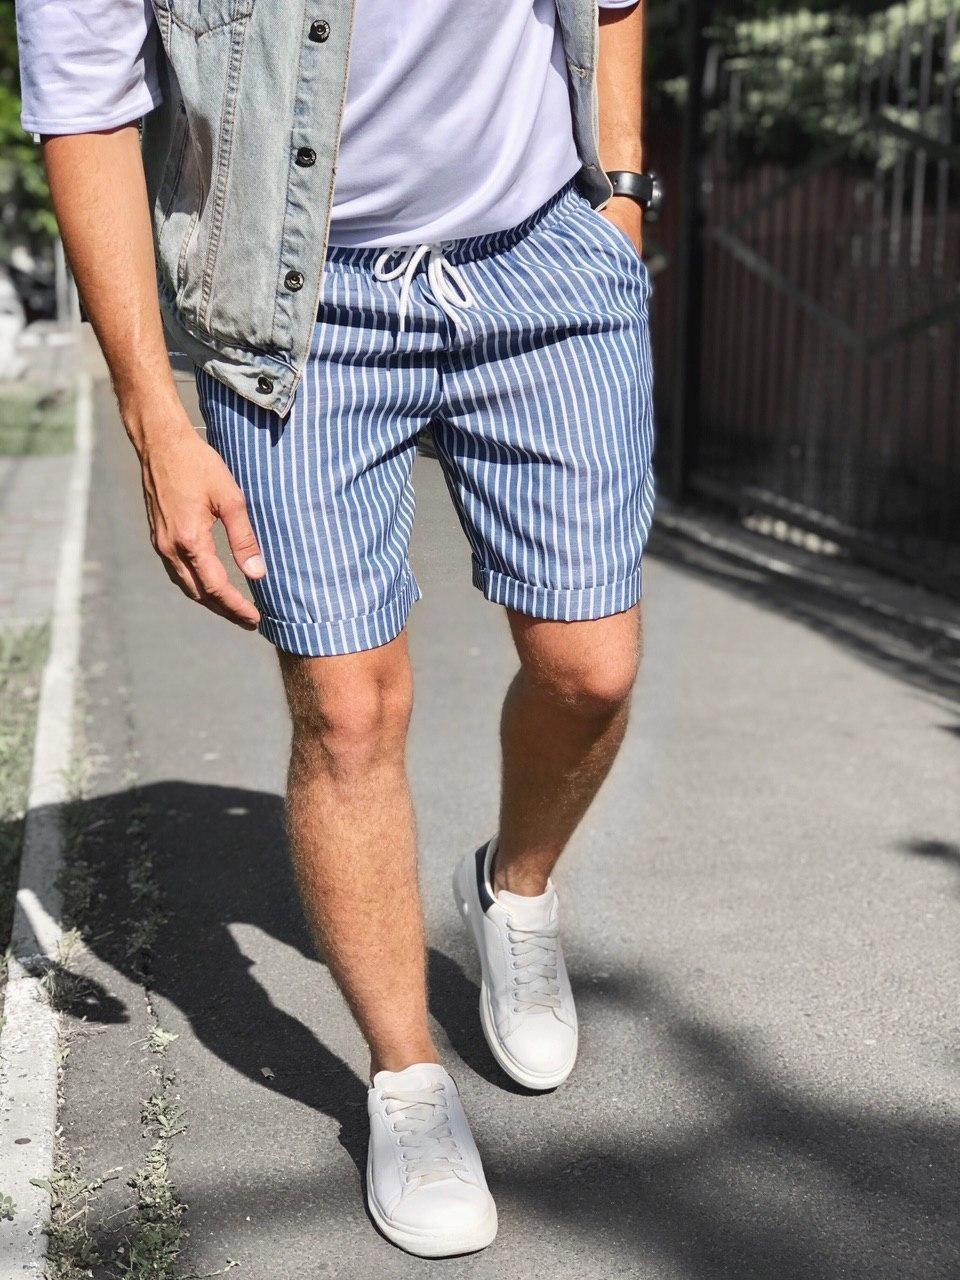 😜 Шорты - Мужские  шорты коттон (голубые) в полоску